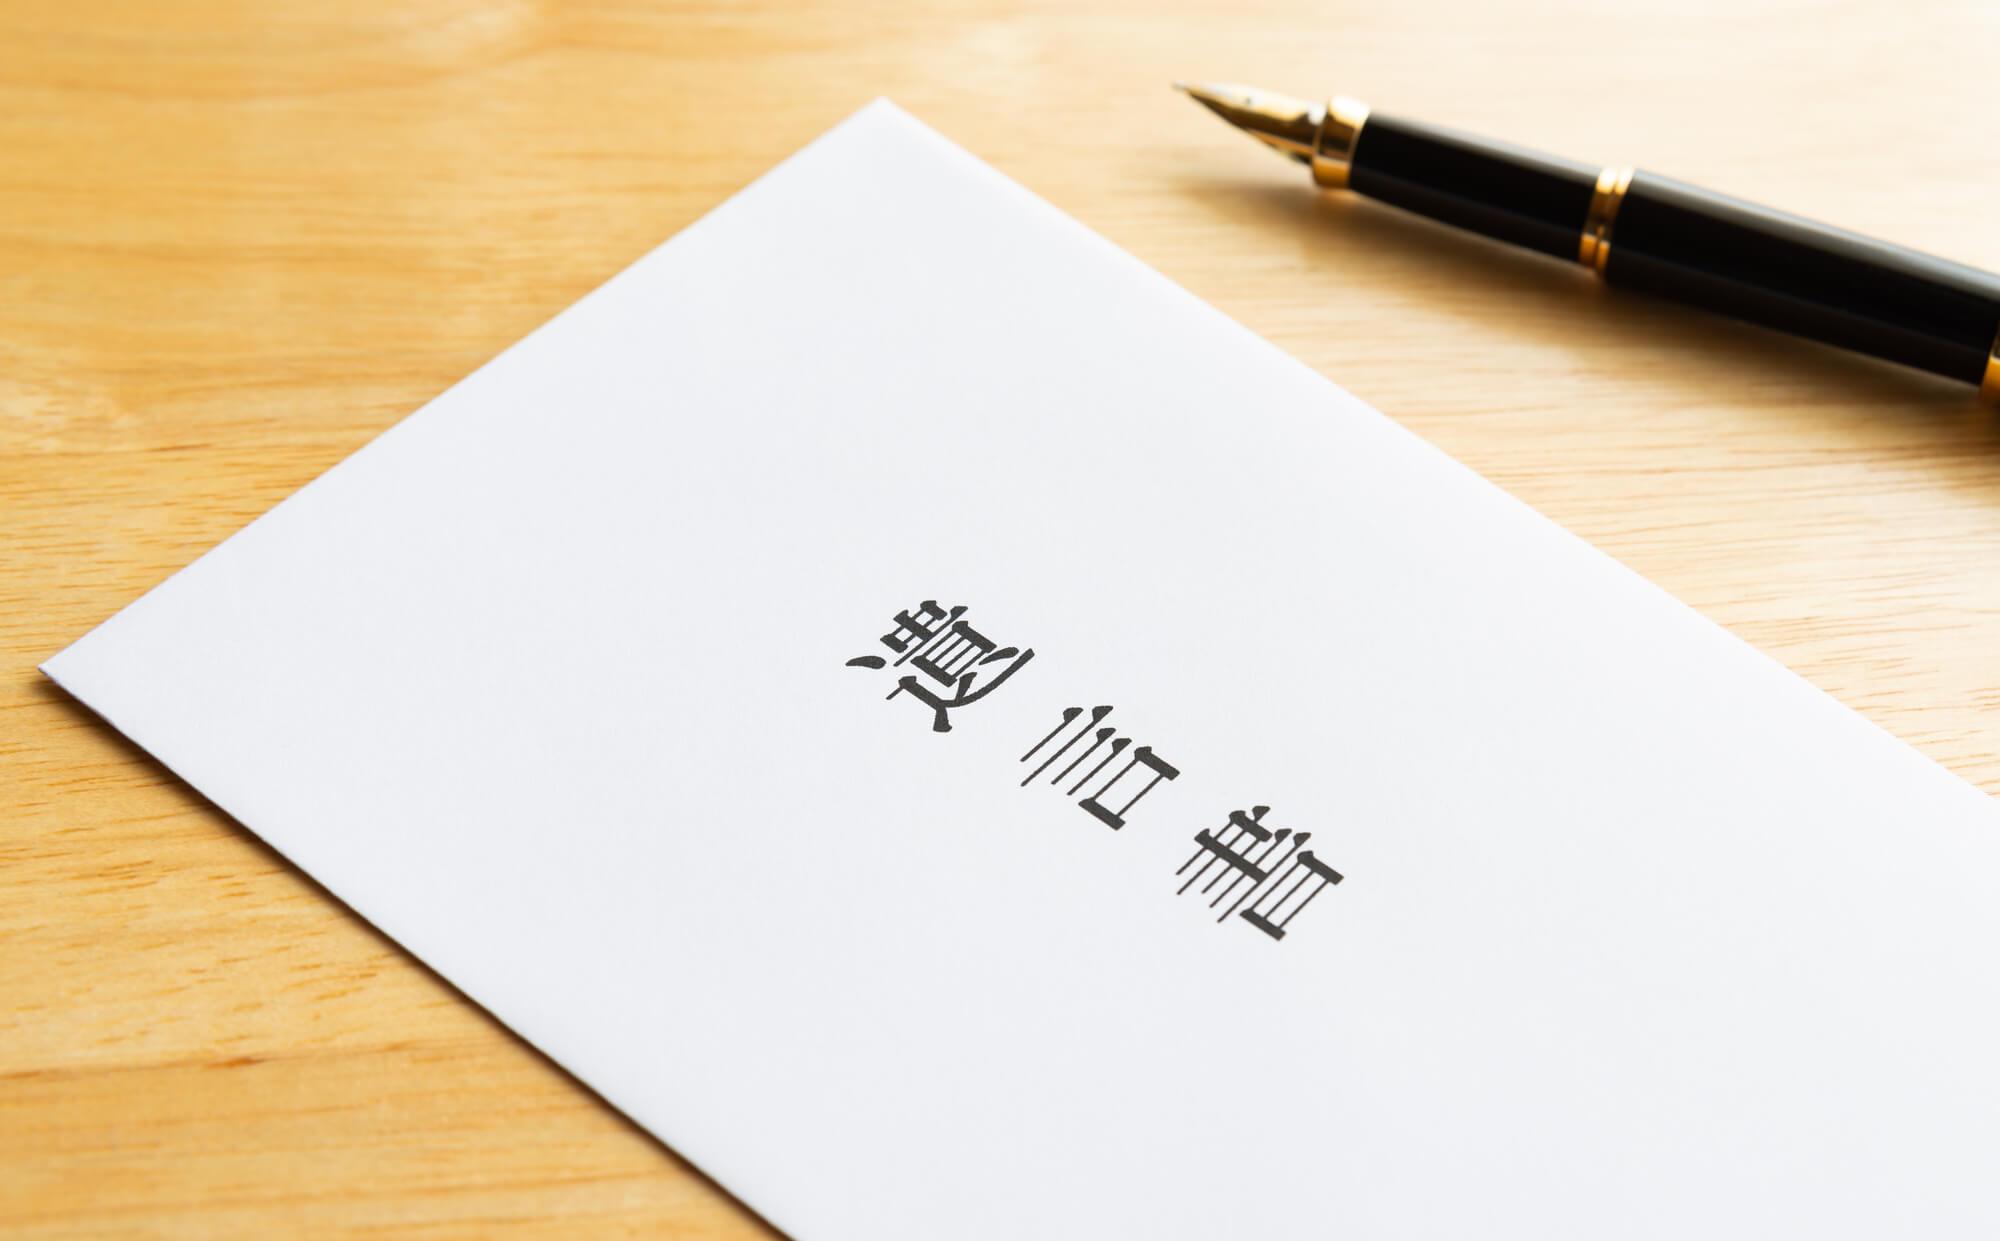 無効にならない遺言書の書き方や種類、注意点を解説 - 相続オナヤミ相談 花沢事務所